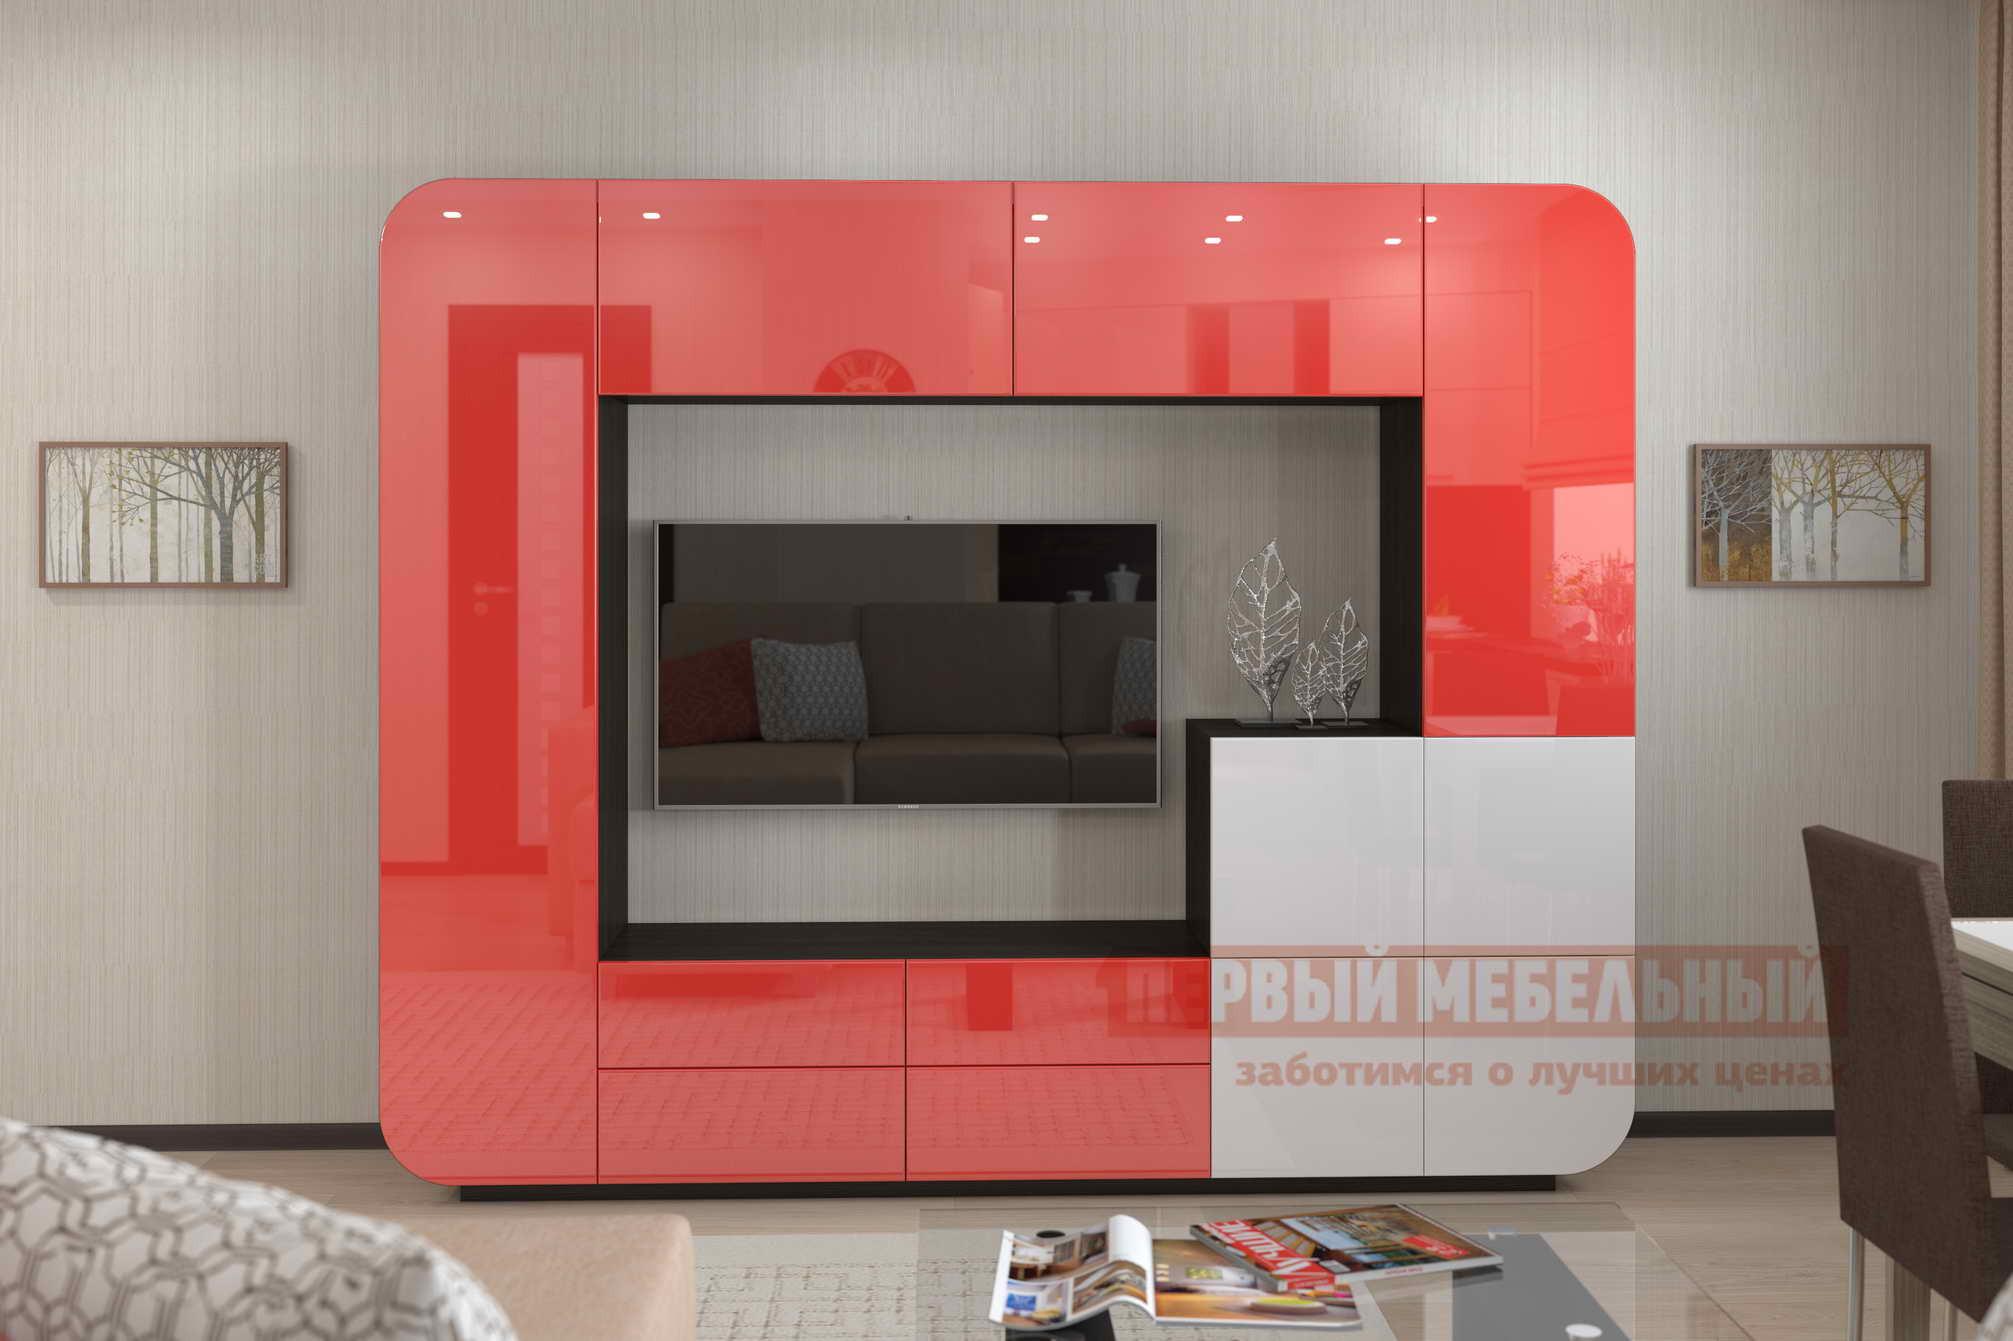 Гостиная  Стенка для гостиной «Мебелеф-3» Венге, Красный глянец 2951 / Белоснежный глянец 8888